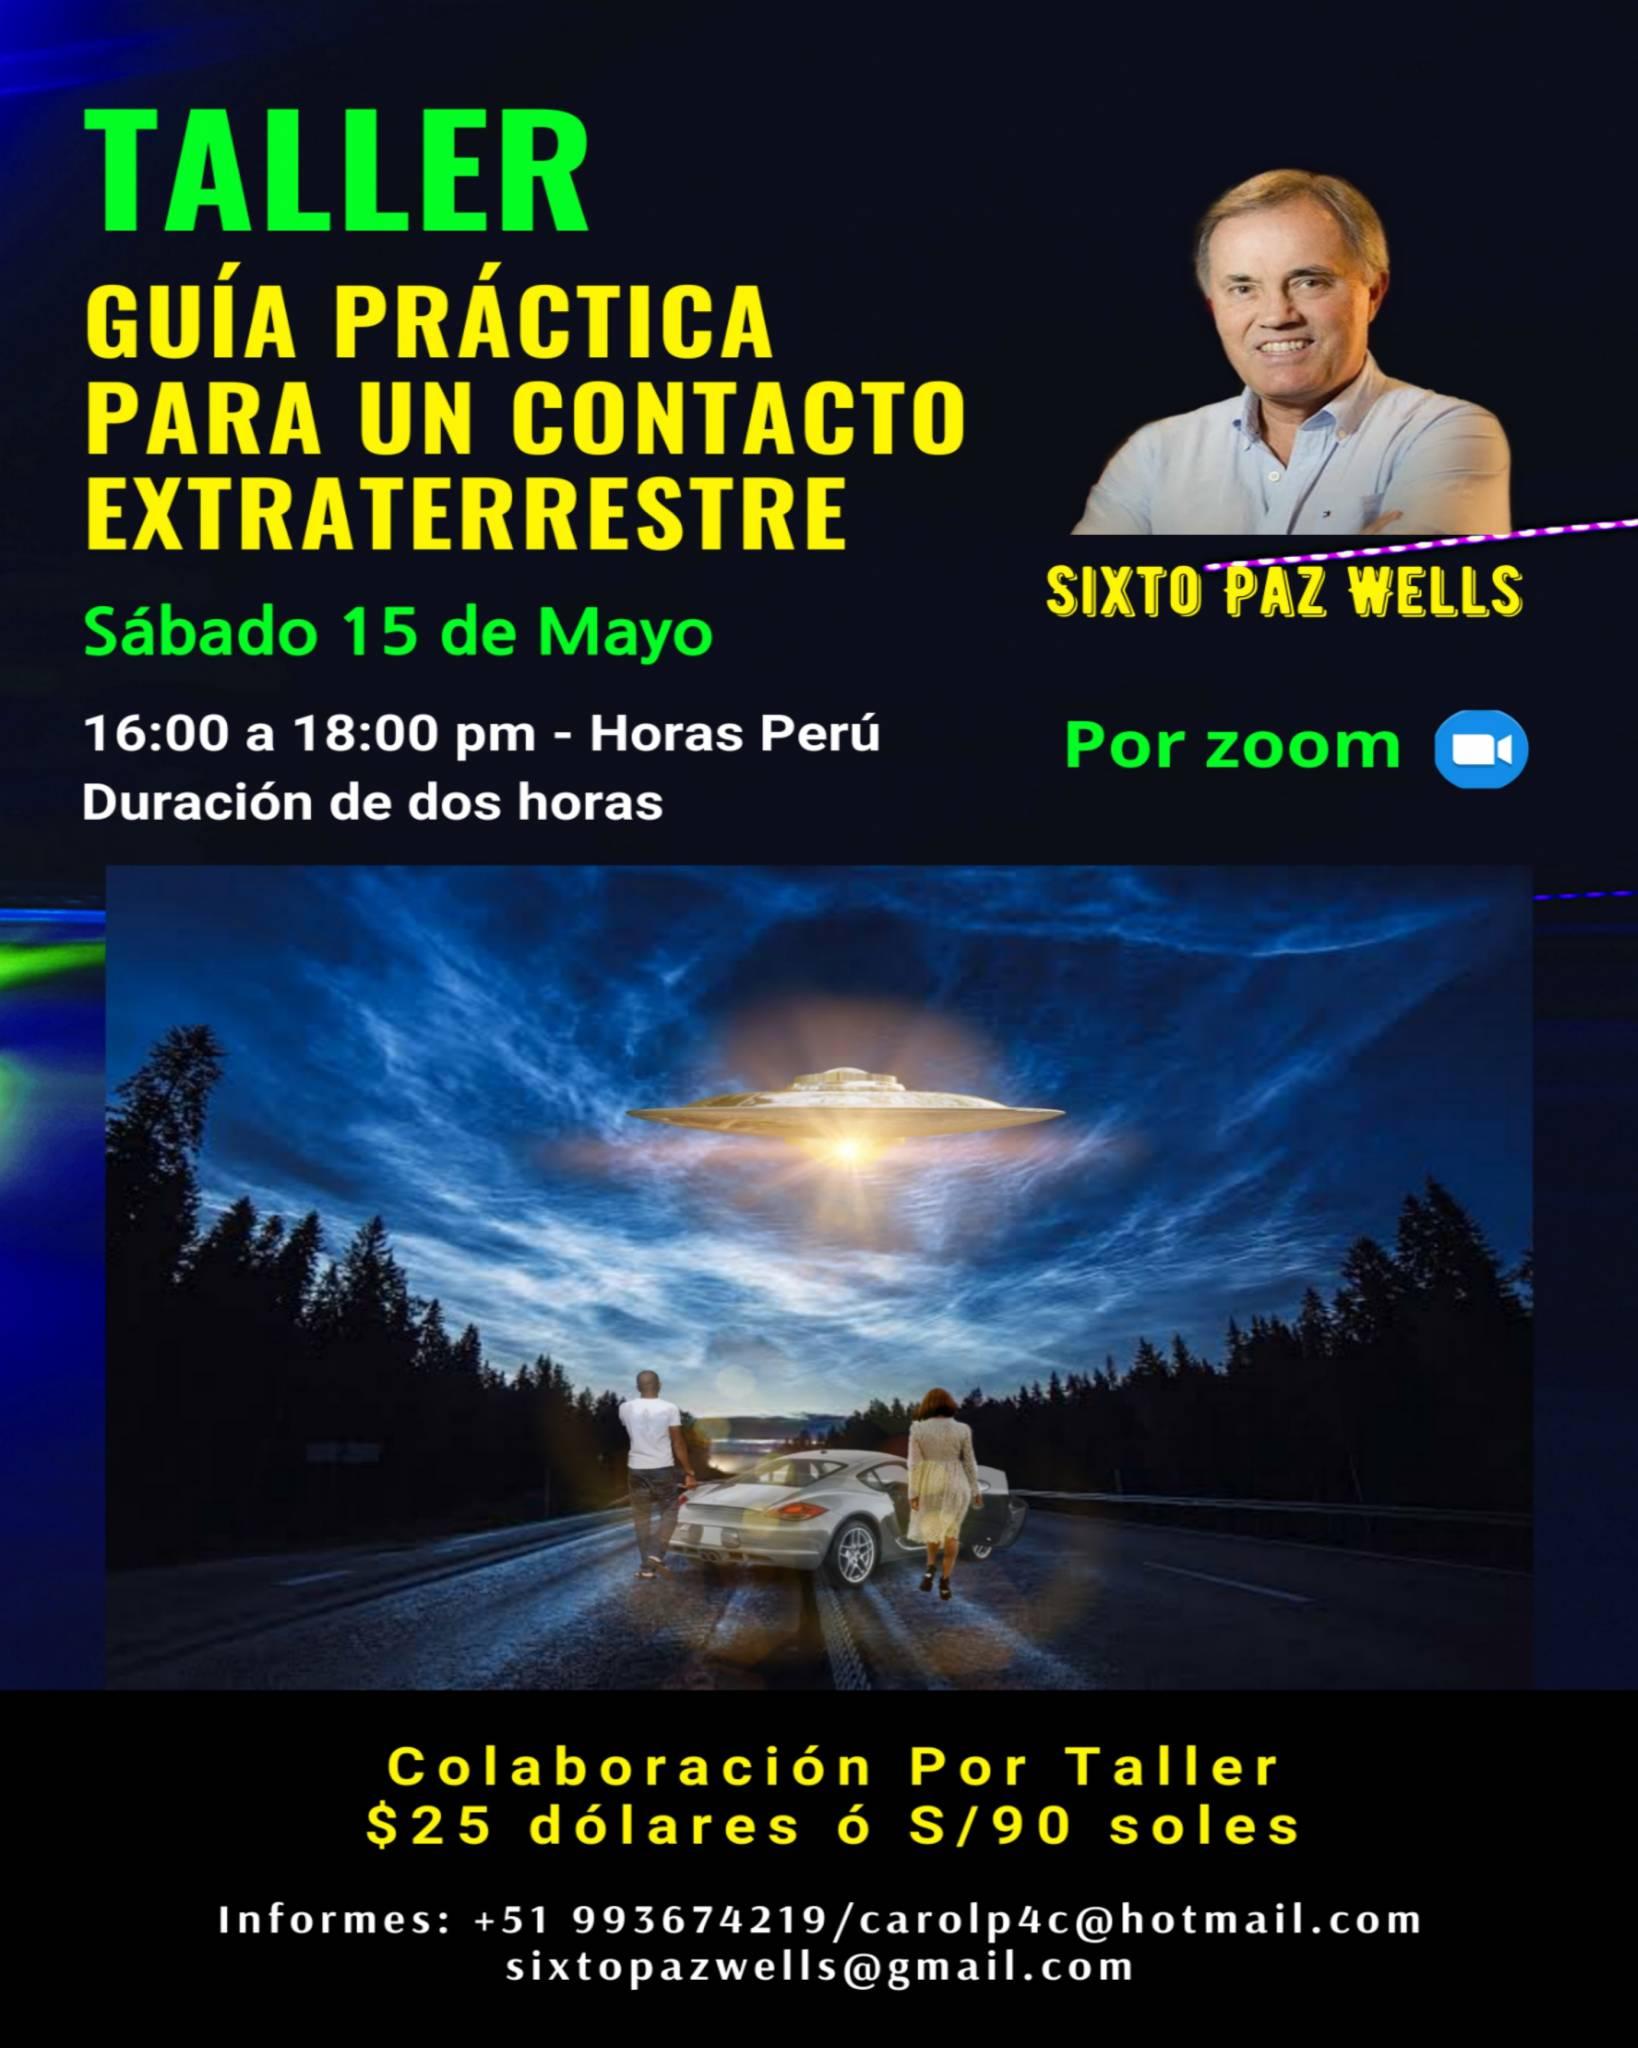 TALLER GUÍA PRÁCTICA PARA UN CONTACTO EXTRATERRESTRE